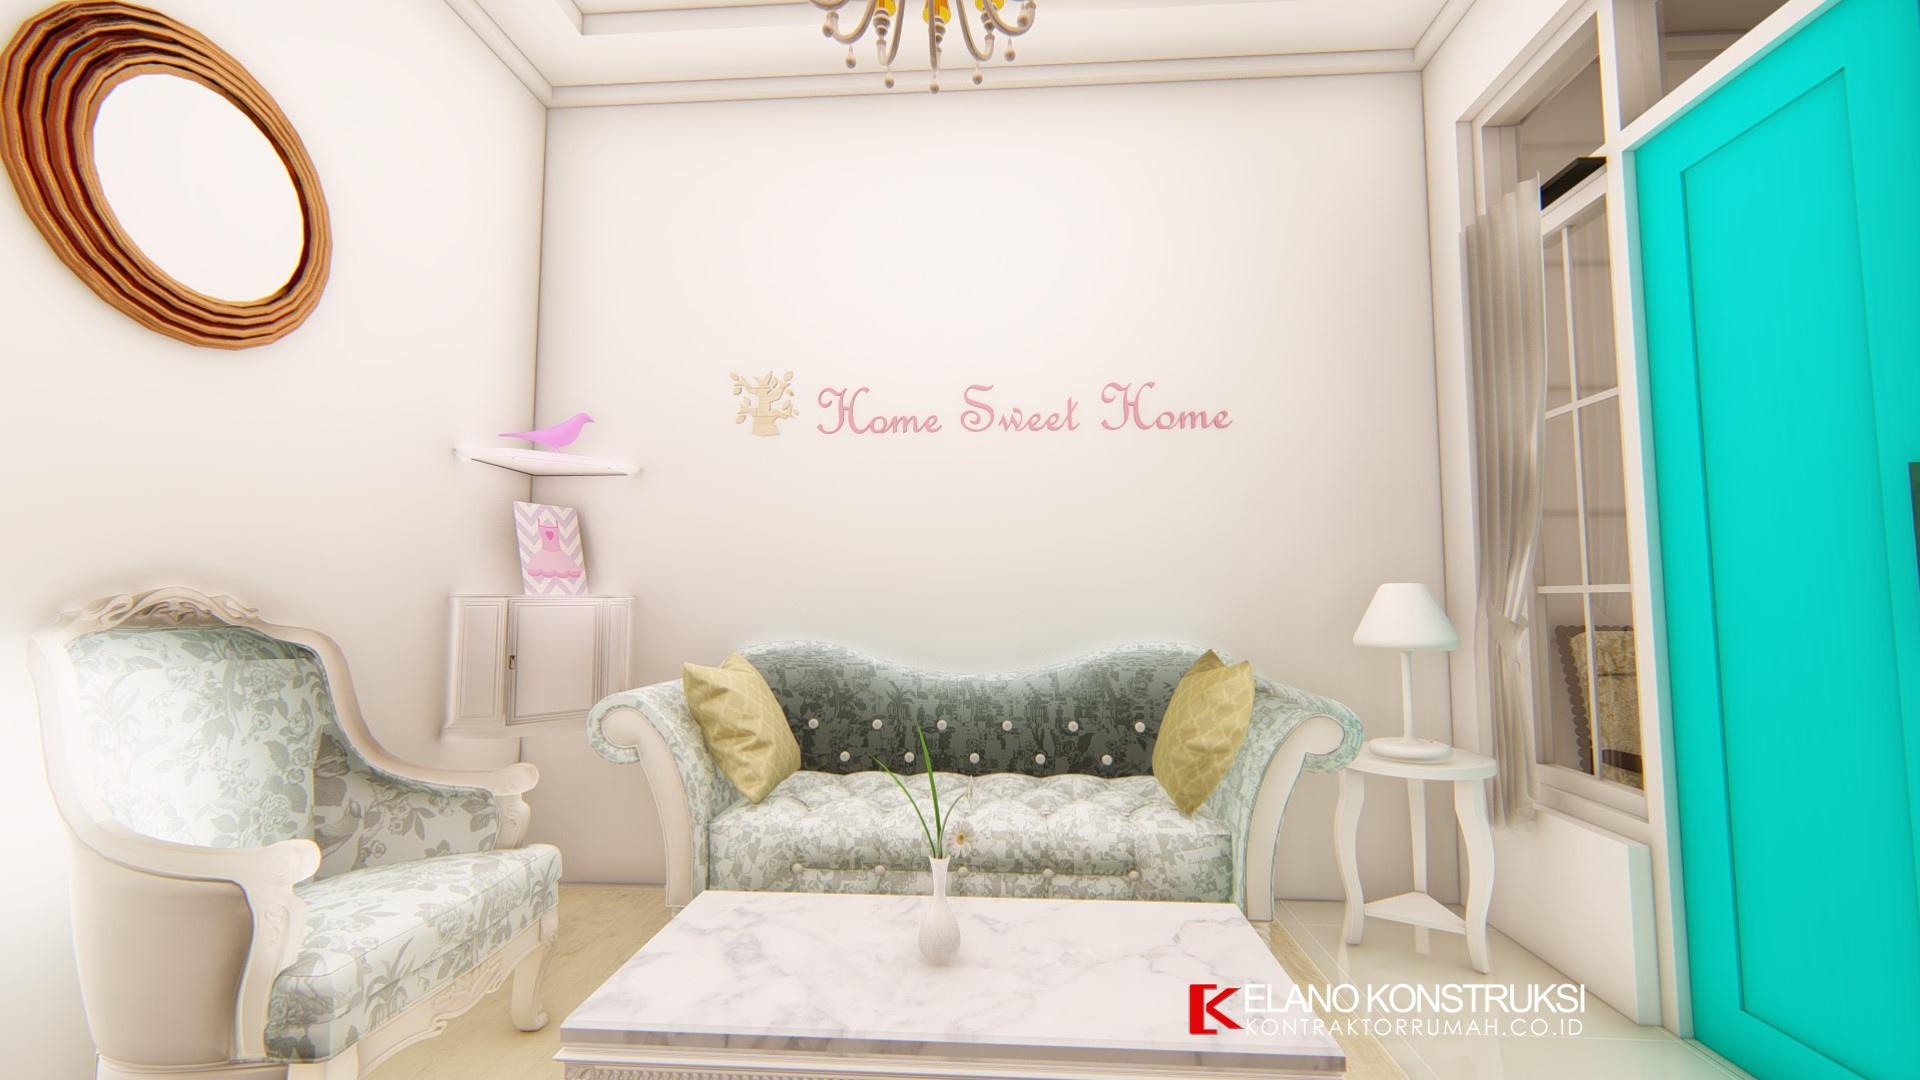 Untitled design 9 2 - Desain Interior Rumah shabby chic Bapak Wawan 250 M2 Depok